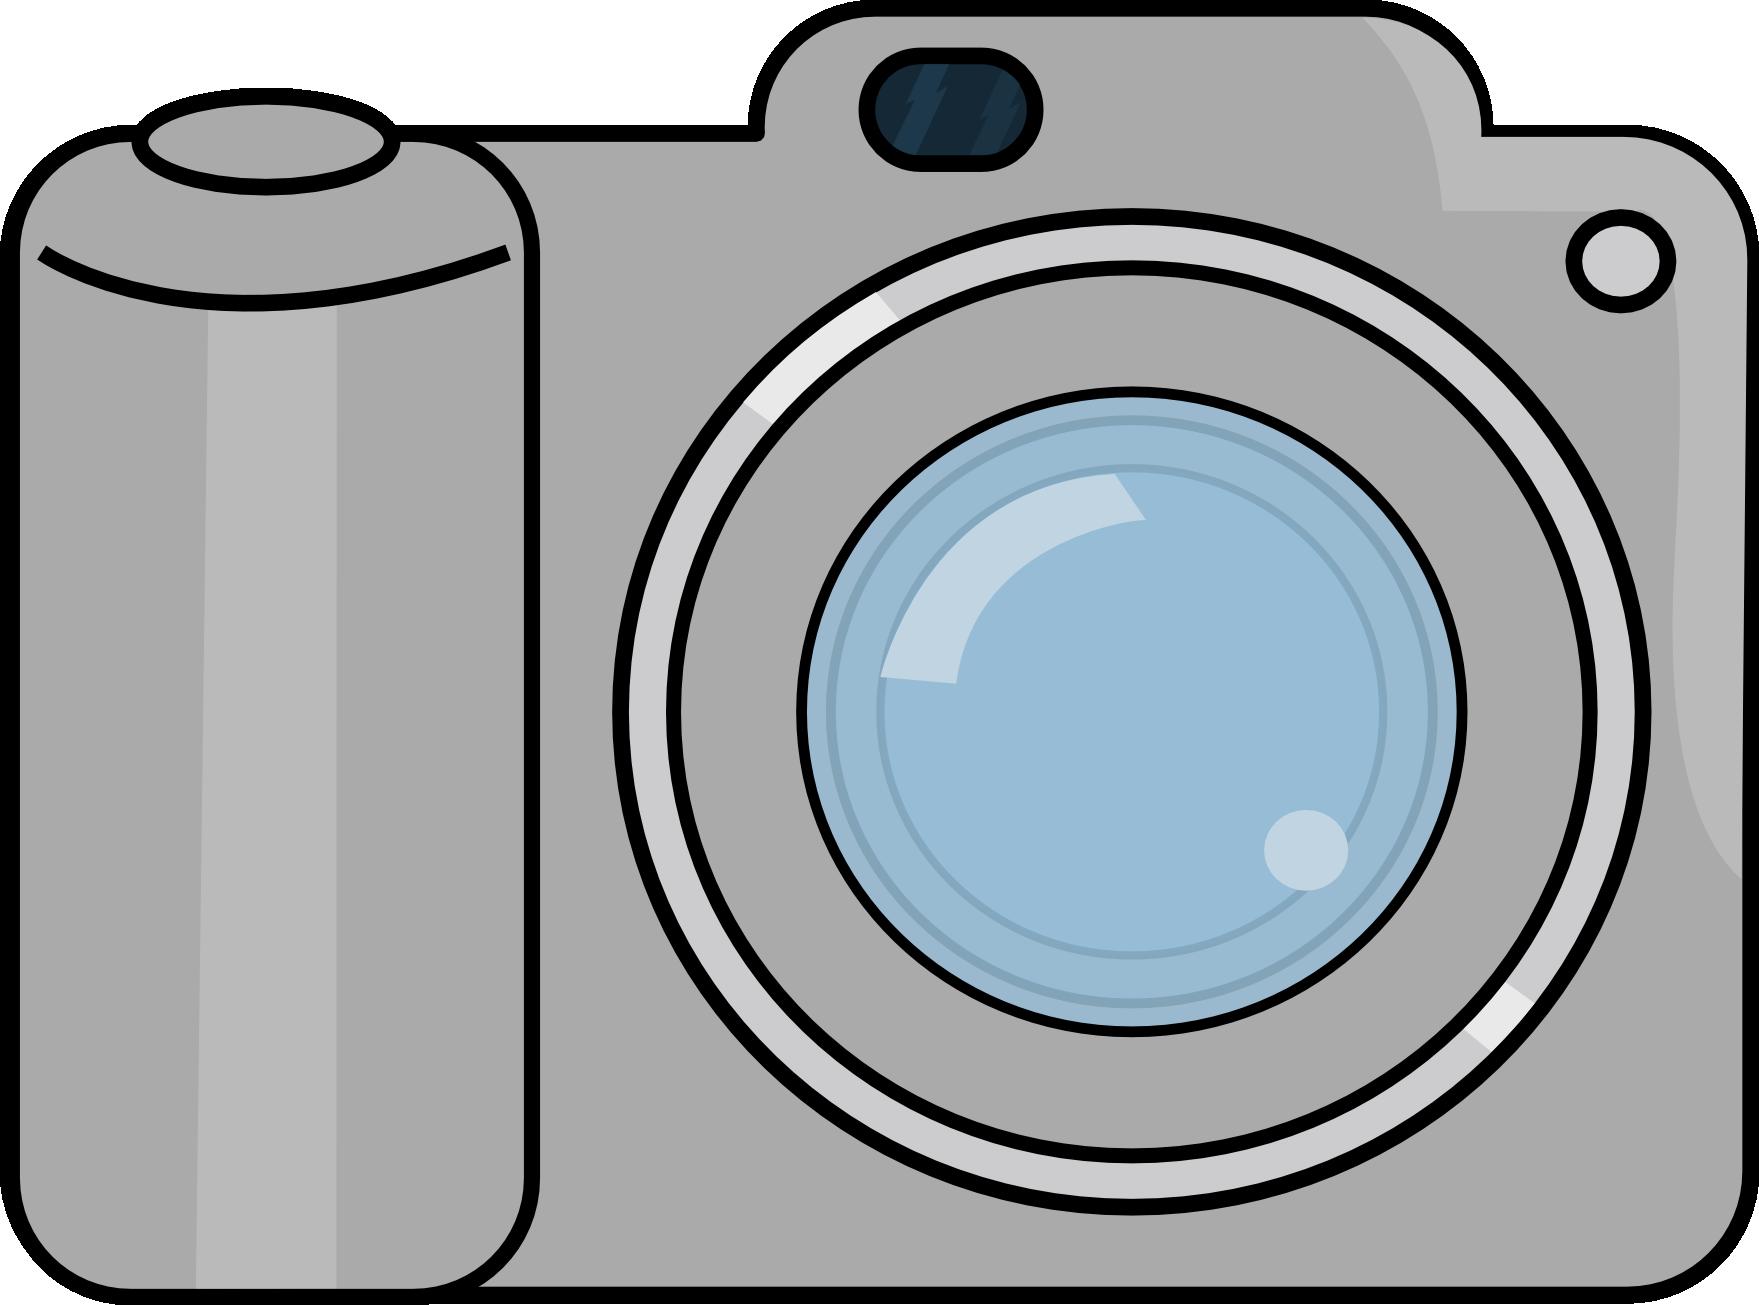 Camera clipart cartoon. Animated